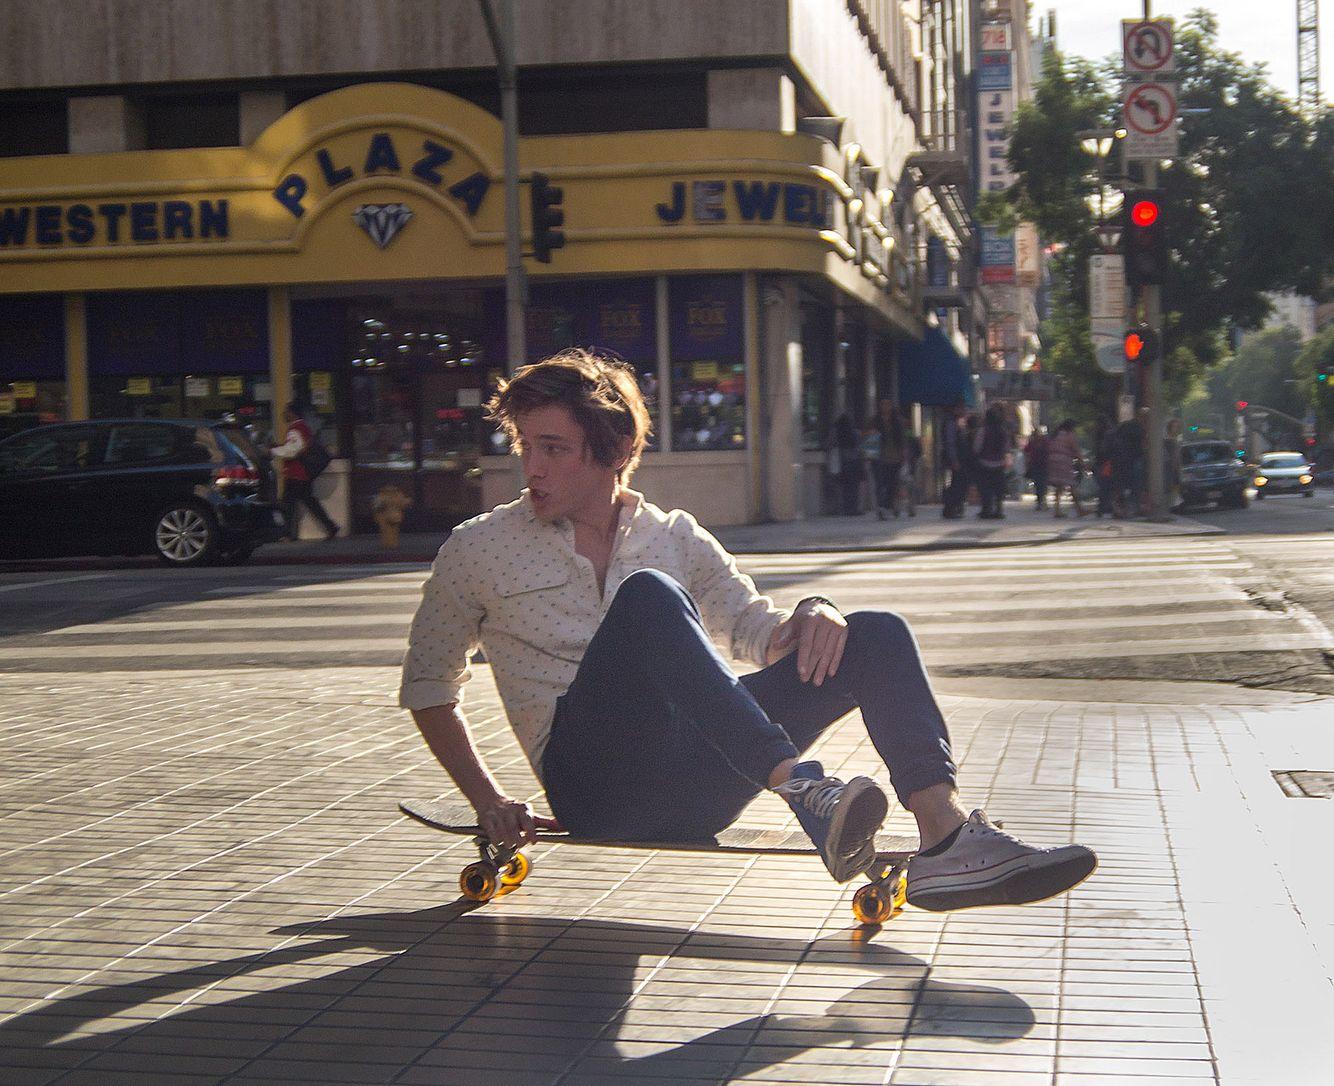 Niv-shank-Los-angeles-california-skating.jpg